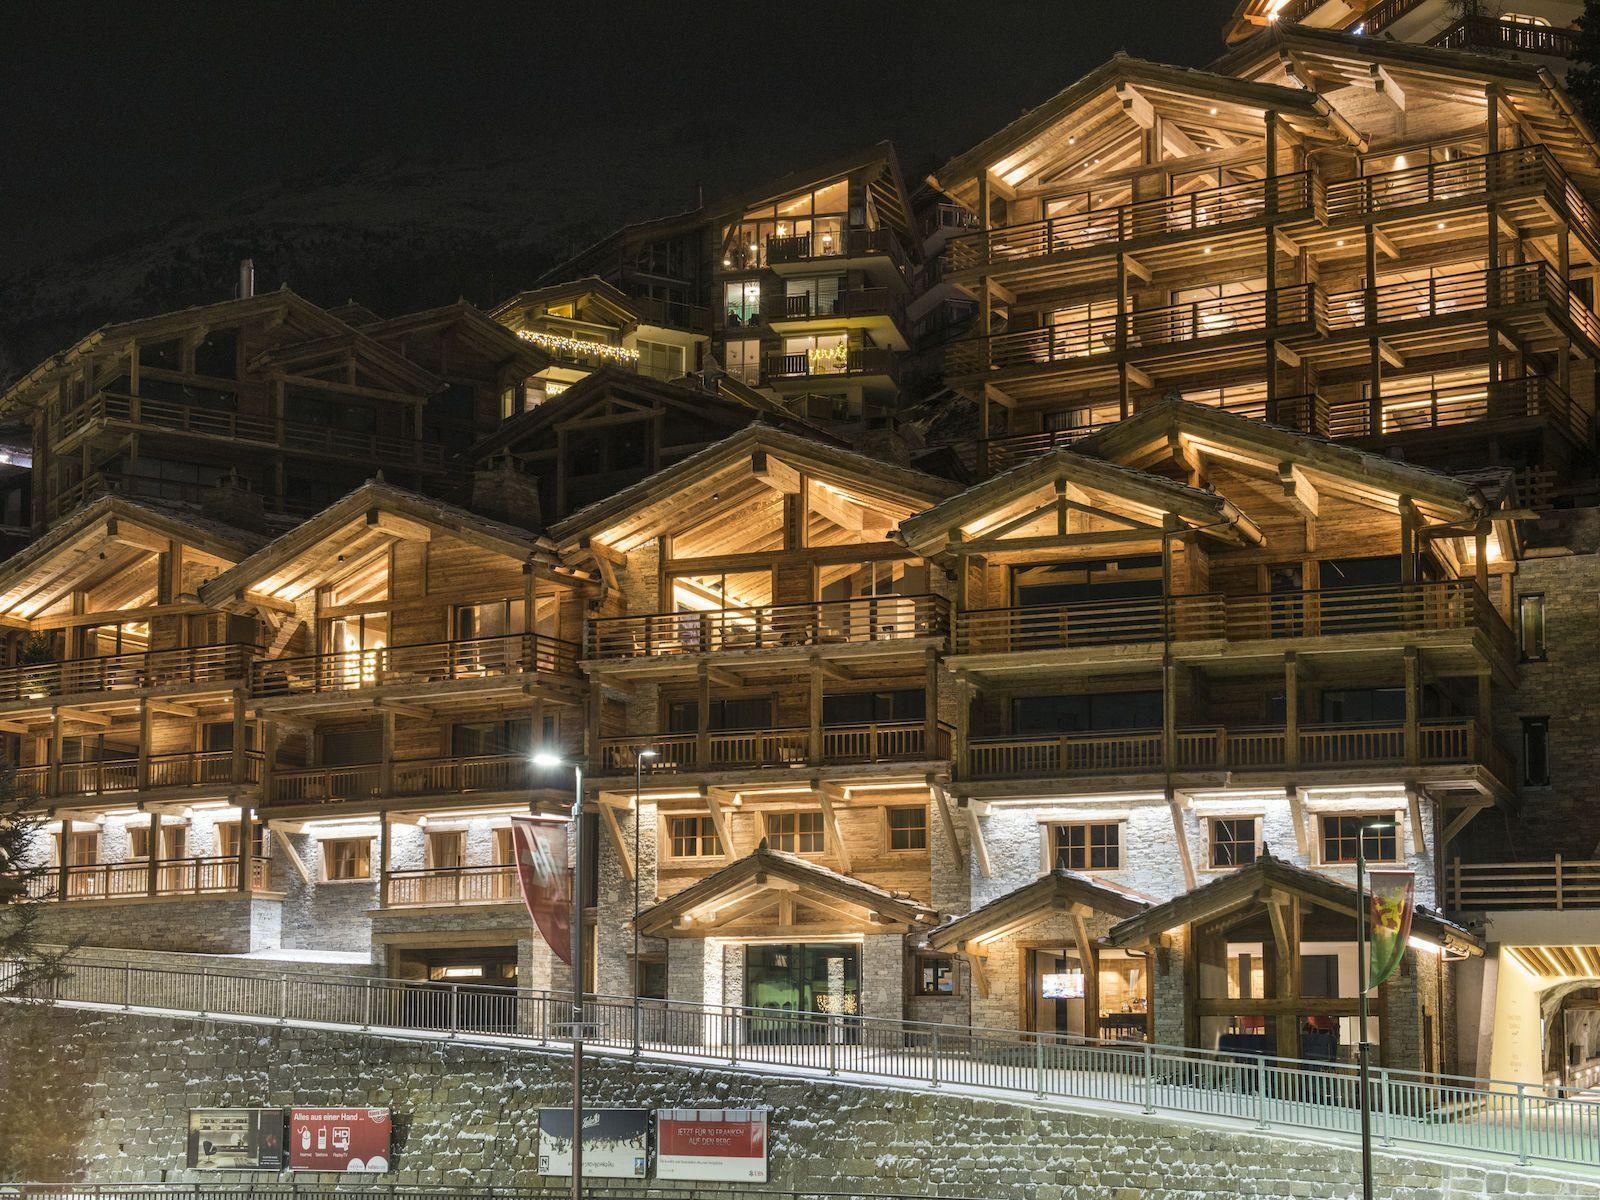 Chalet Le Nid d'Aigle | Zermatt Chalets | Haute Retreats